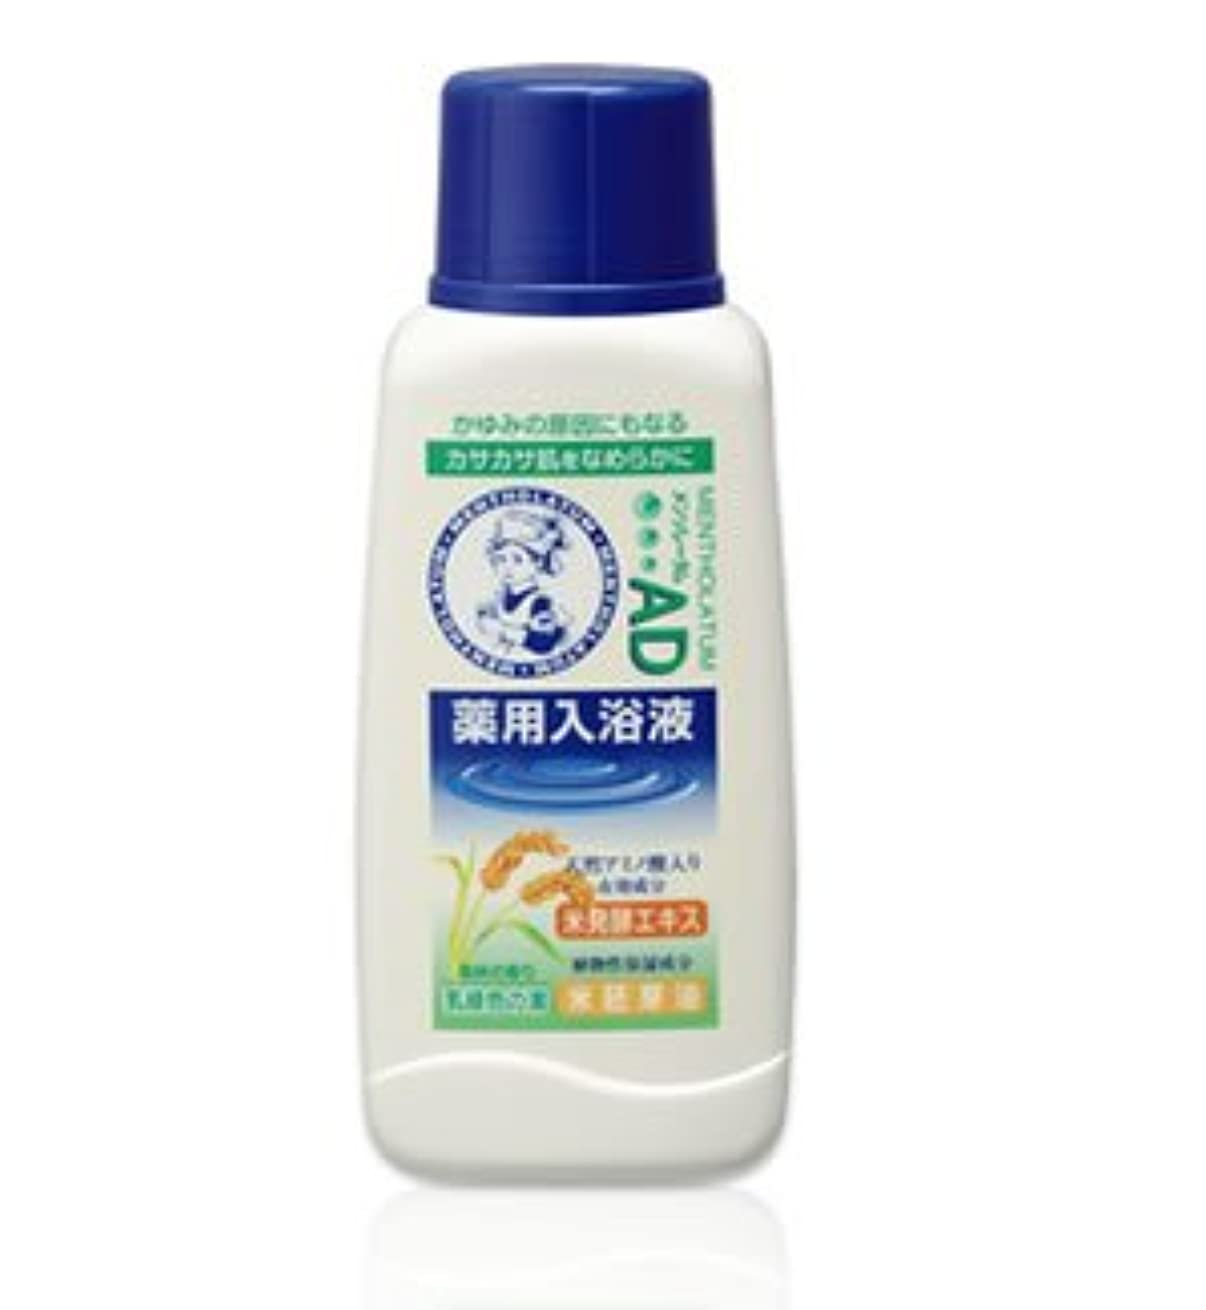 ブースマキシムアドバンテージ(ロート)メンソレータム AD薬用入浴剤 森林の香り720ml(医薬部外品)(お買い得3本セット)